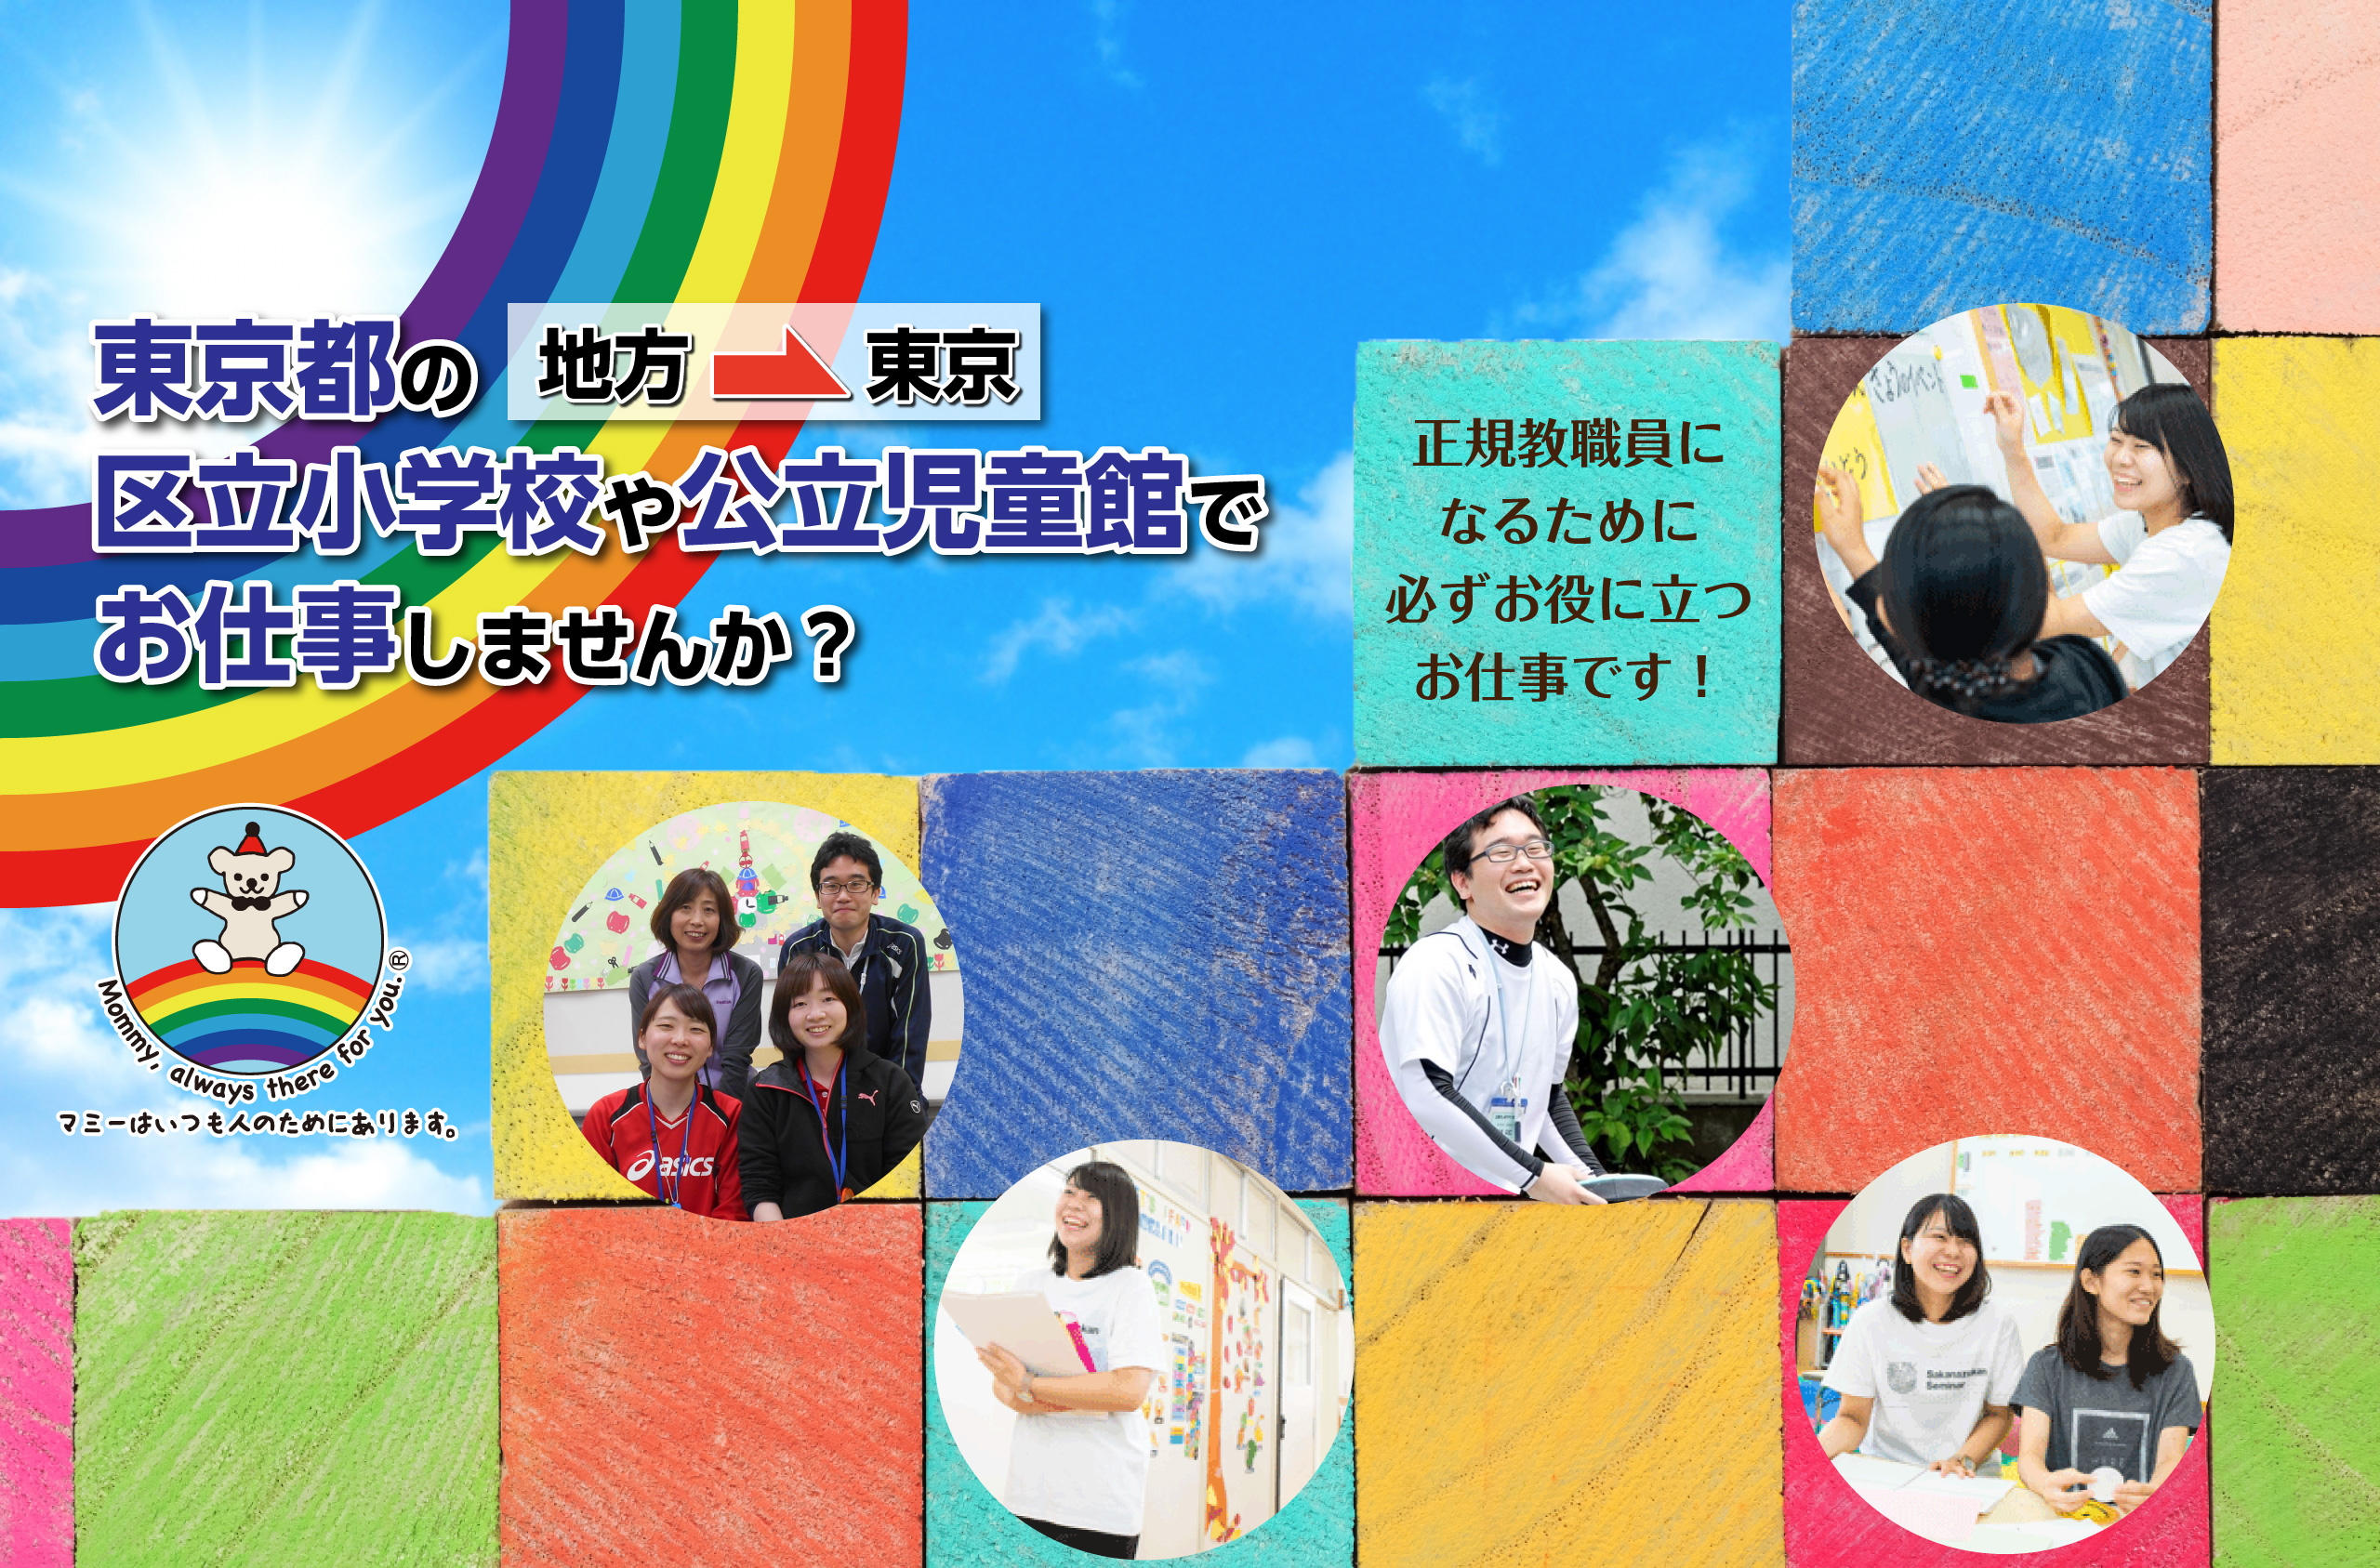 株式会社マミー・インターナショナル【求人情報】地方から東京へ。東京都の区立小学校や公立児童館でお仕事しませんか?